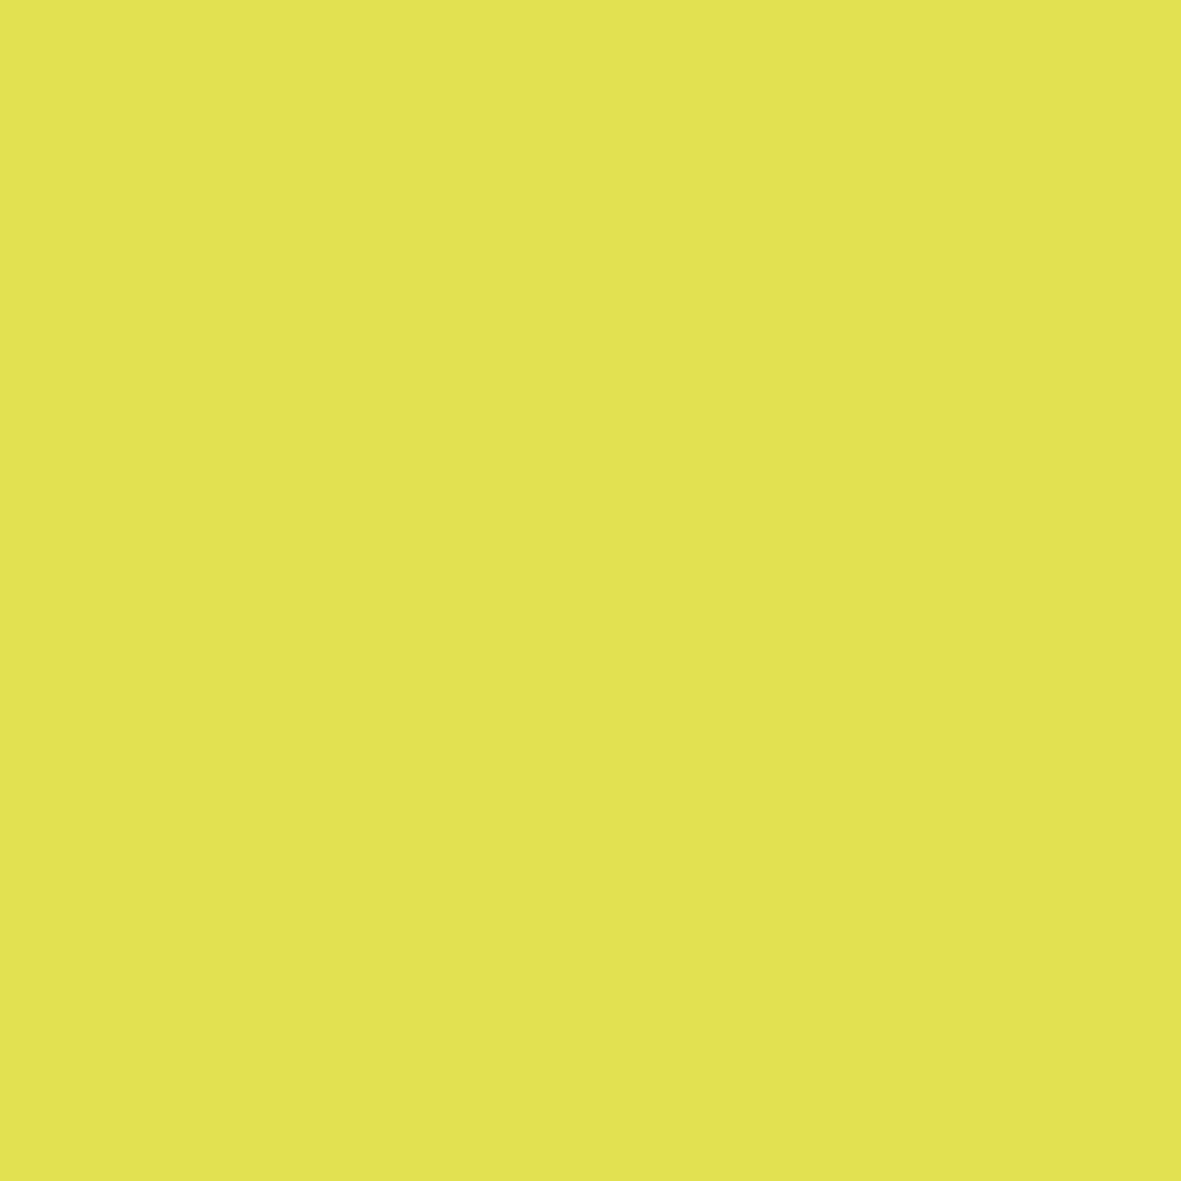 Serwetki Dunisoft 20x20 cm - kiwi